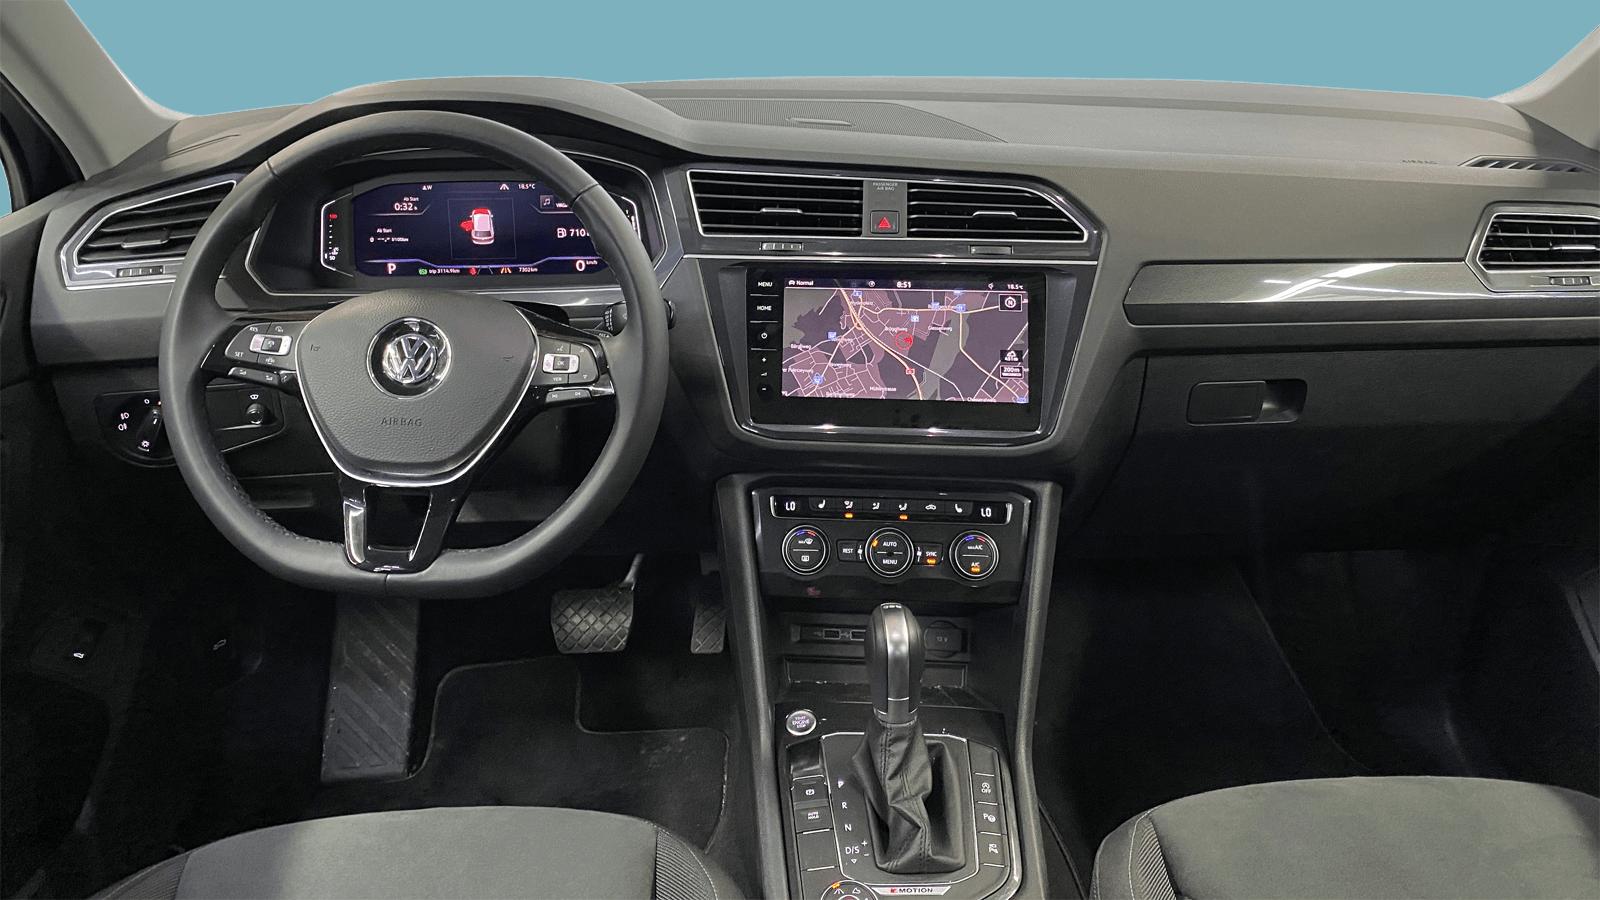 VW Tiguan Black interior - Clyde car subscription